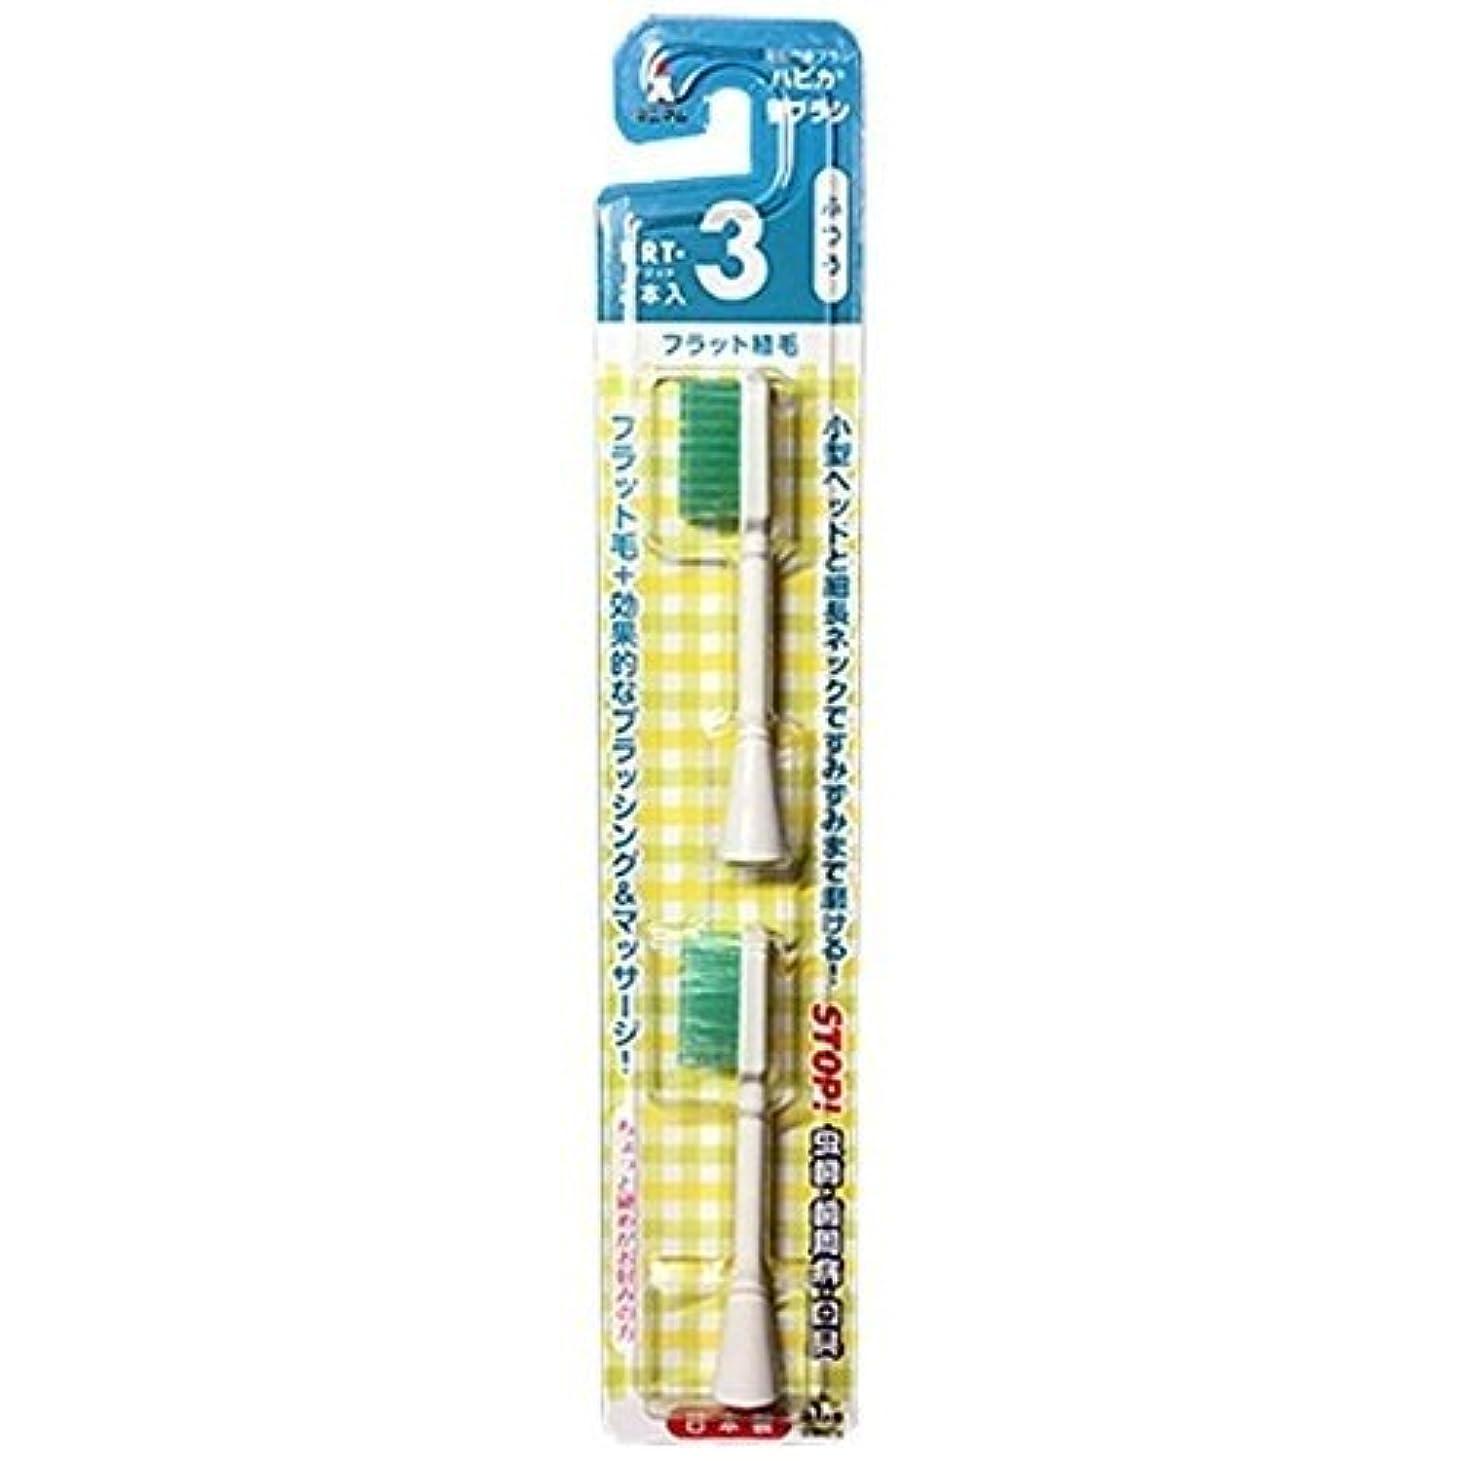 反逆者混沌おなじみのミニマム 電動付歯ブラシ ハピカ 専用替ブラシ フラット植毛 毛の硬さ:ふつう BRT-3T 2個入